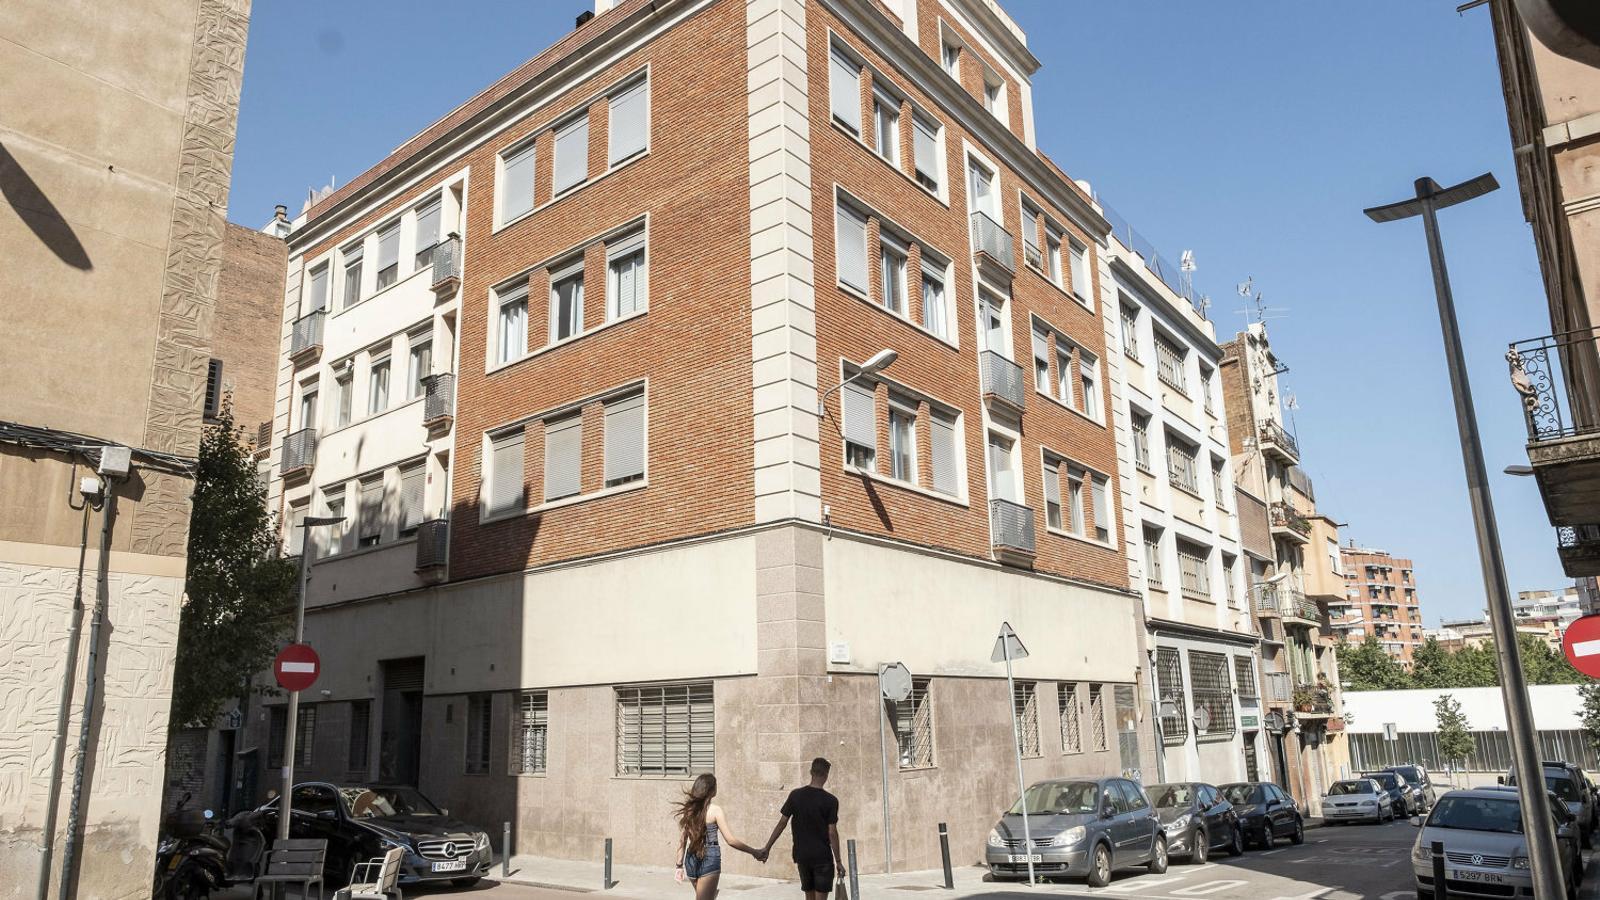 Façana del bloc del carrer Ripollès 56, que ara està en mans d'un fons d'inversió immobiliari que pretén doblar el preu dels lloguers als inquil·lins actuals.